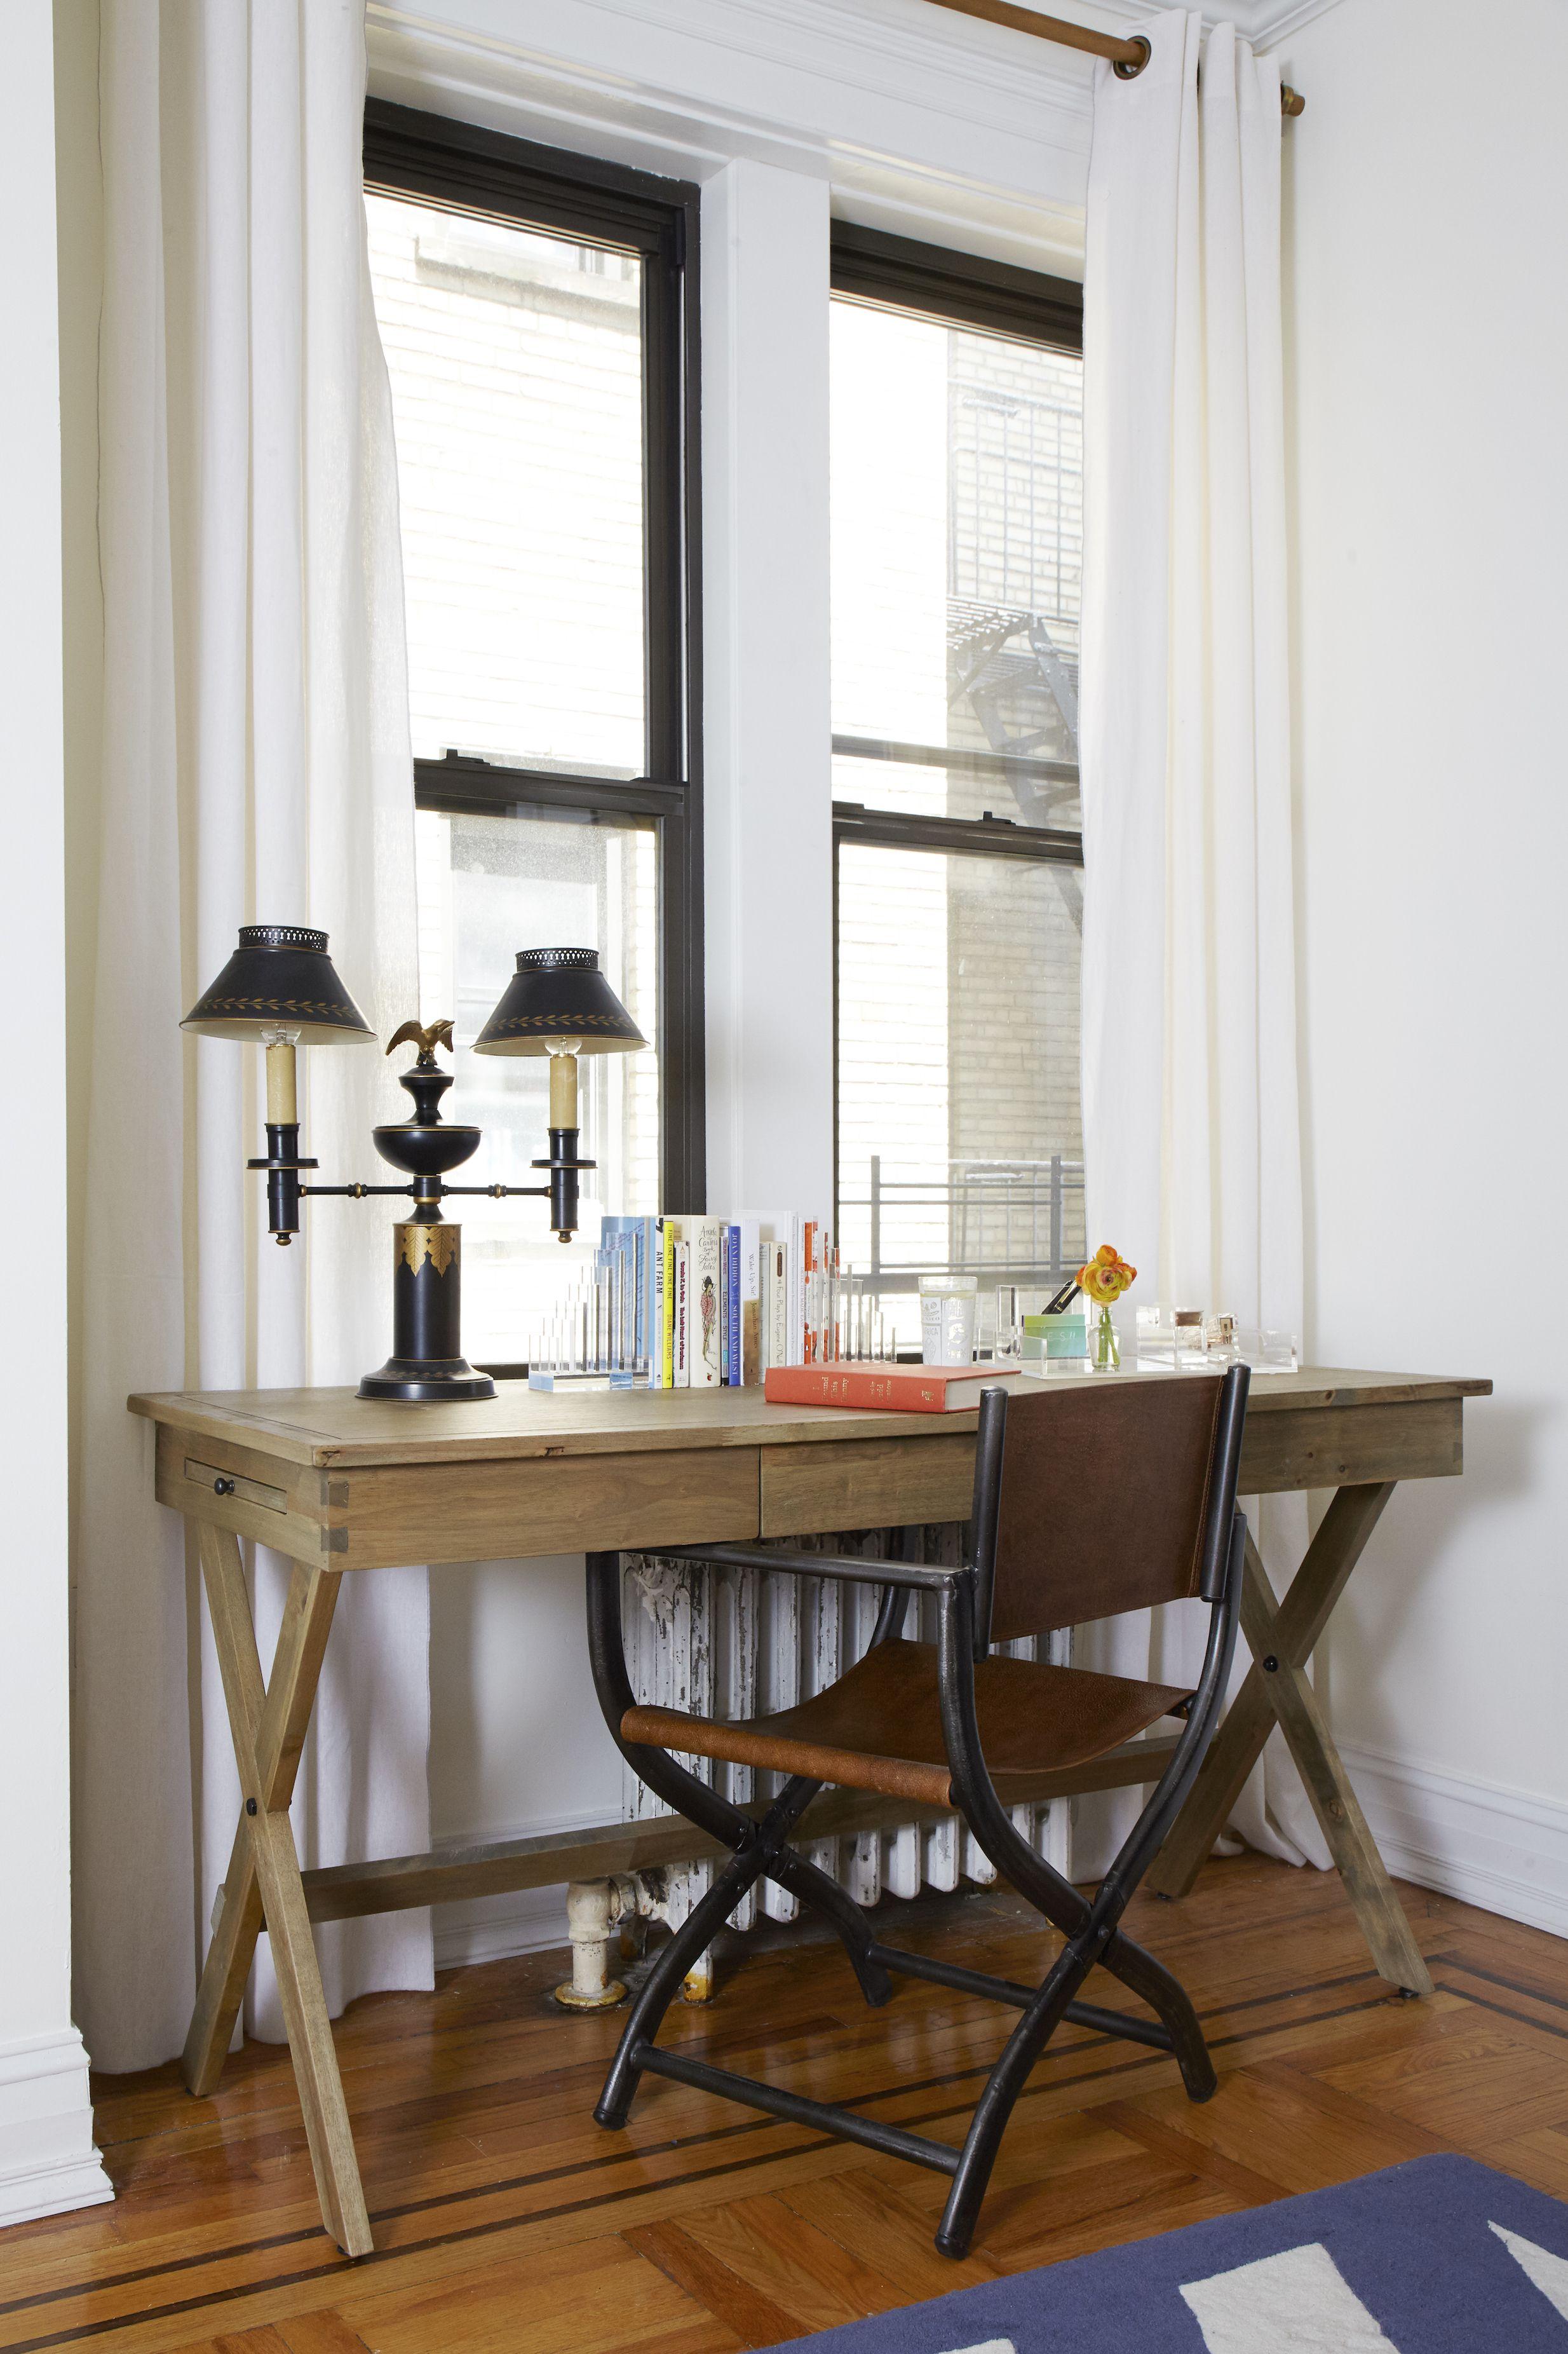 Apartment Decorating Tips - Apartment Decor